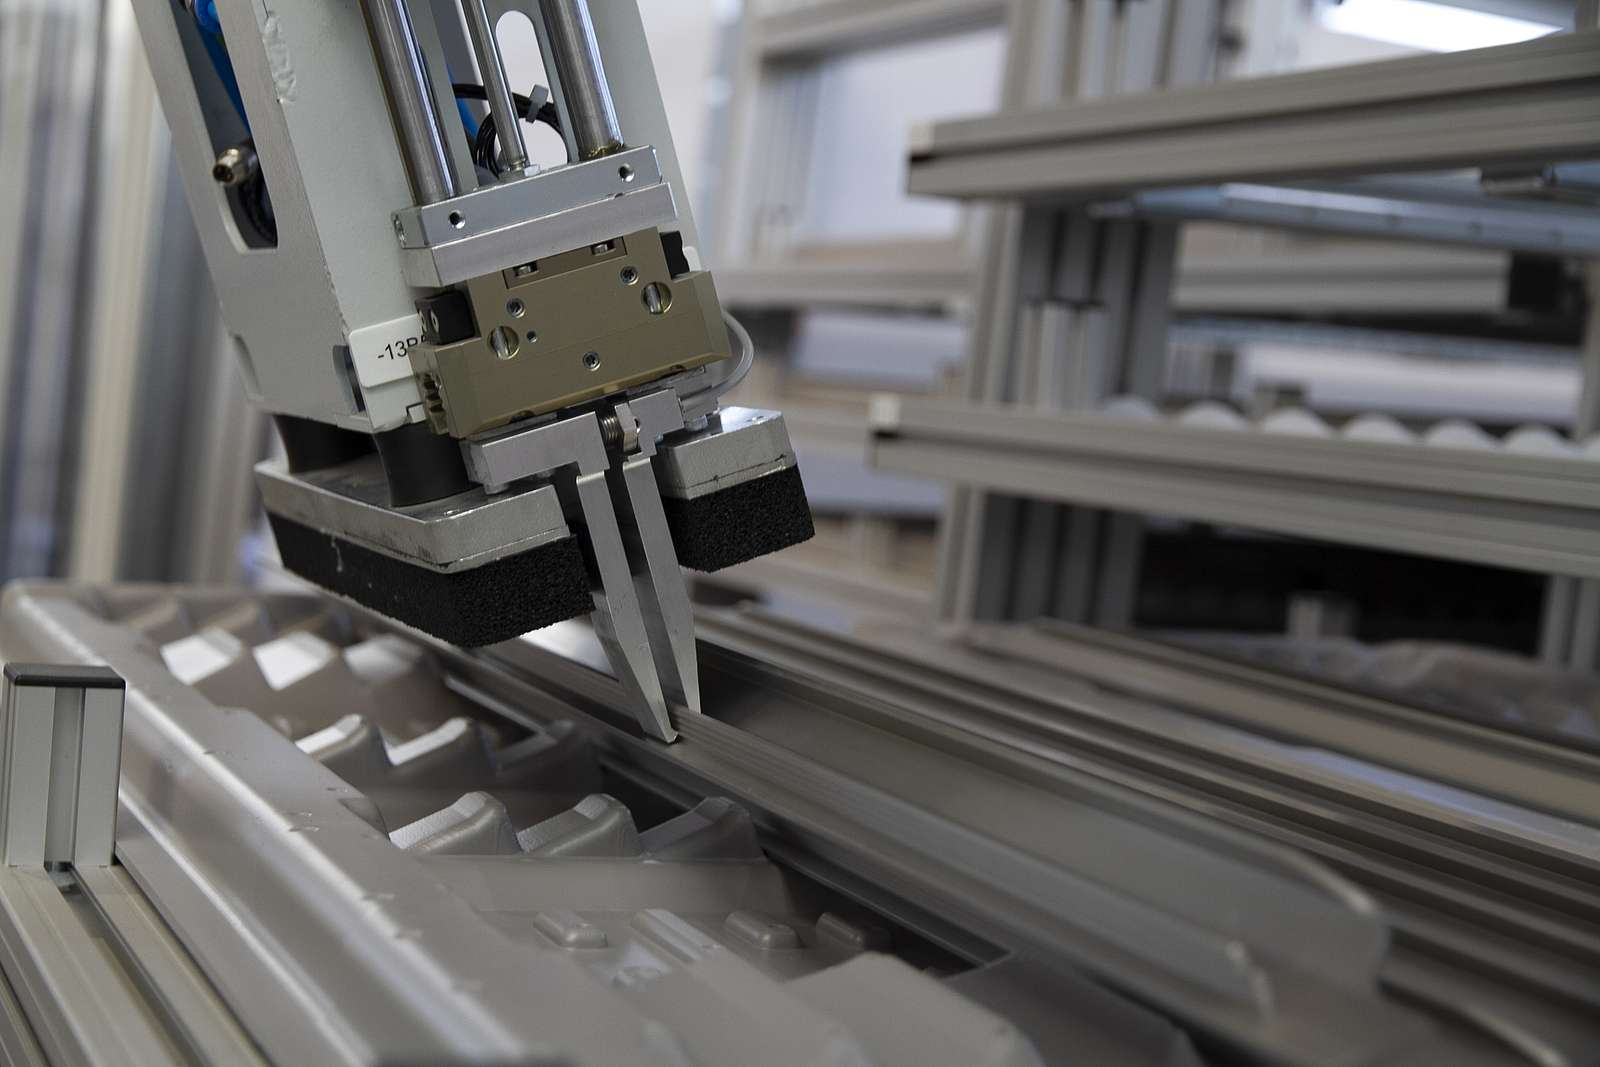 Greifersystem zur automatisierten Montage in der Möbelindustrie